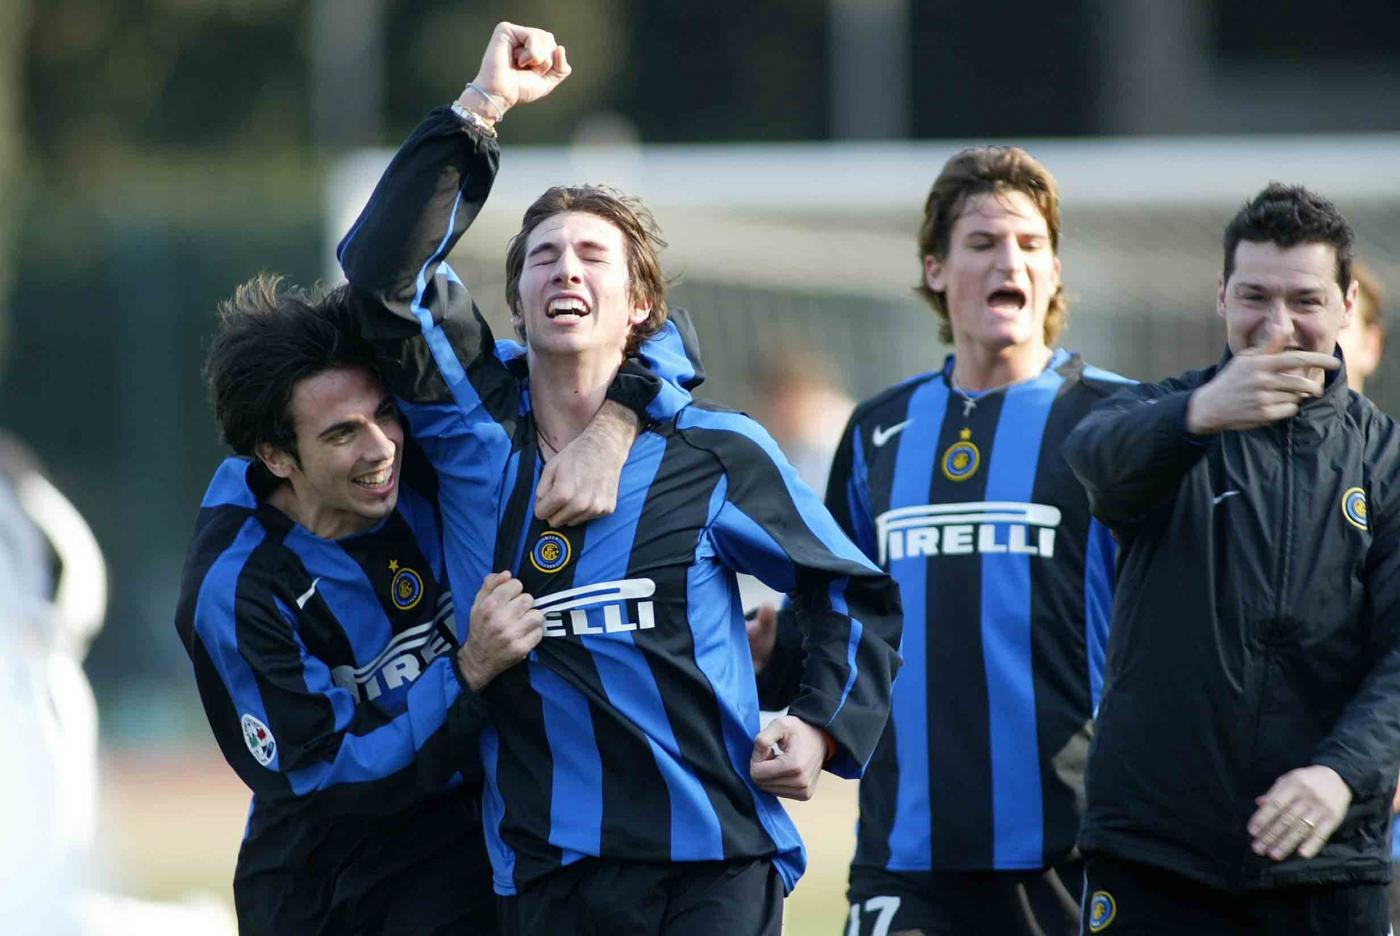 Torneo di Viareggio 2015 all'Inter che batte 2-1 il Verona